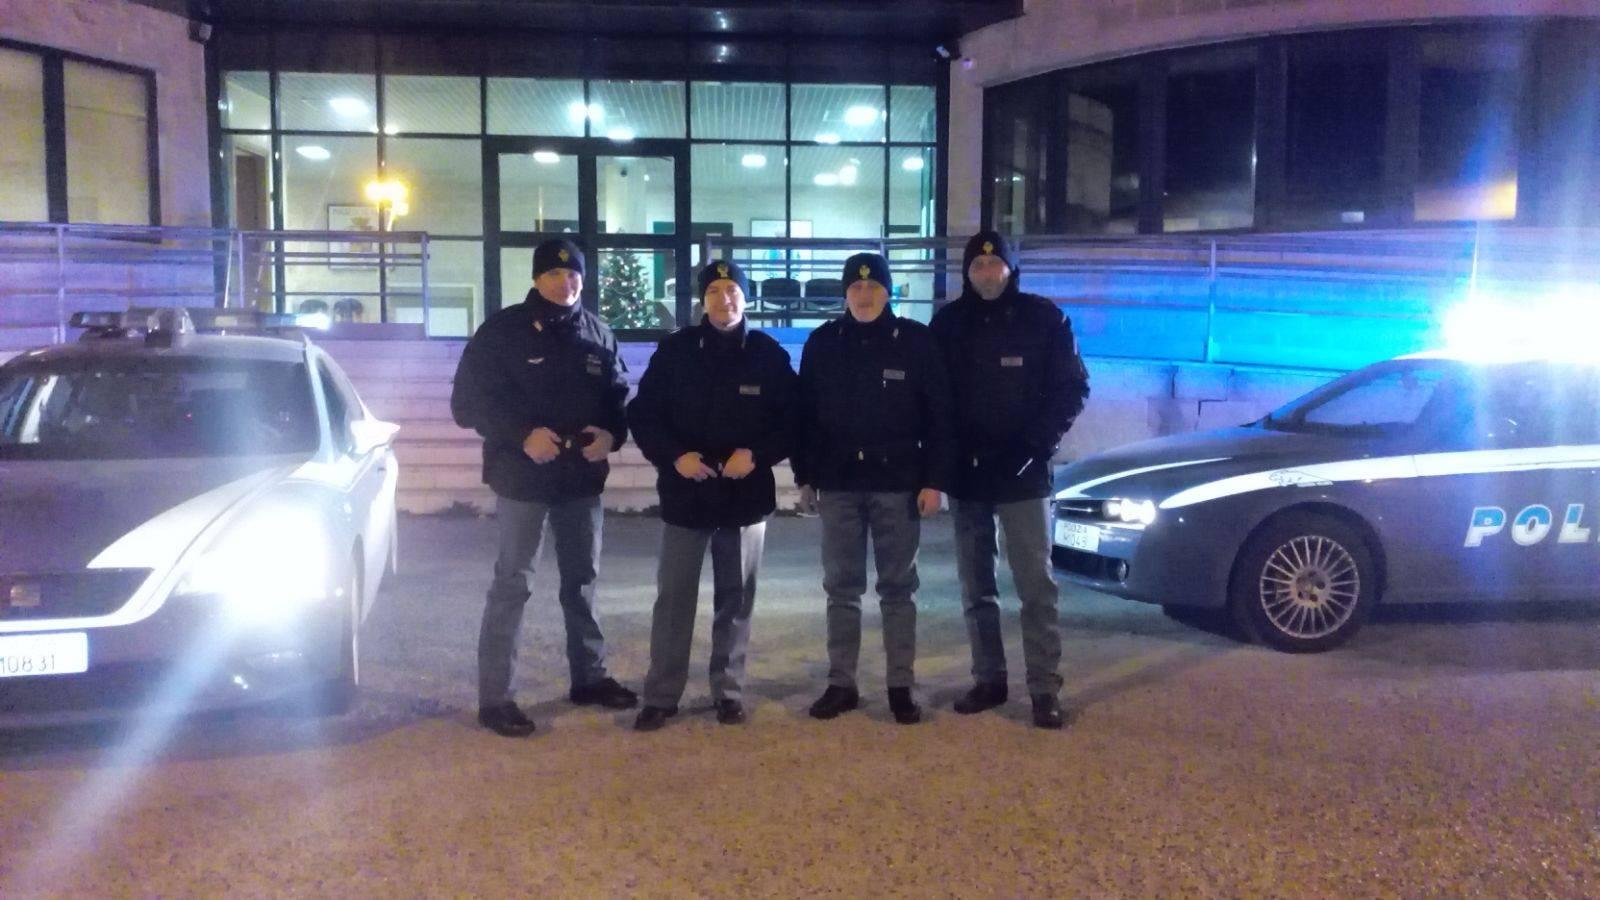 Operazione Pusher, polizia tra i giovani a contrasto dello spaccio di stupefacenti